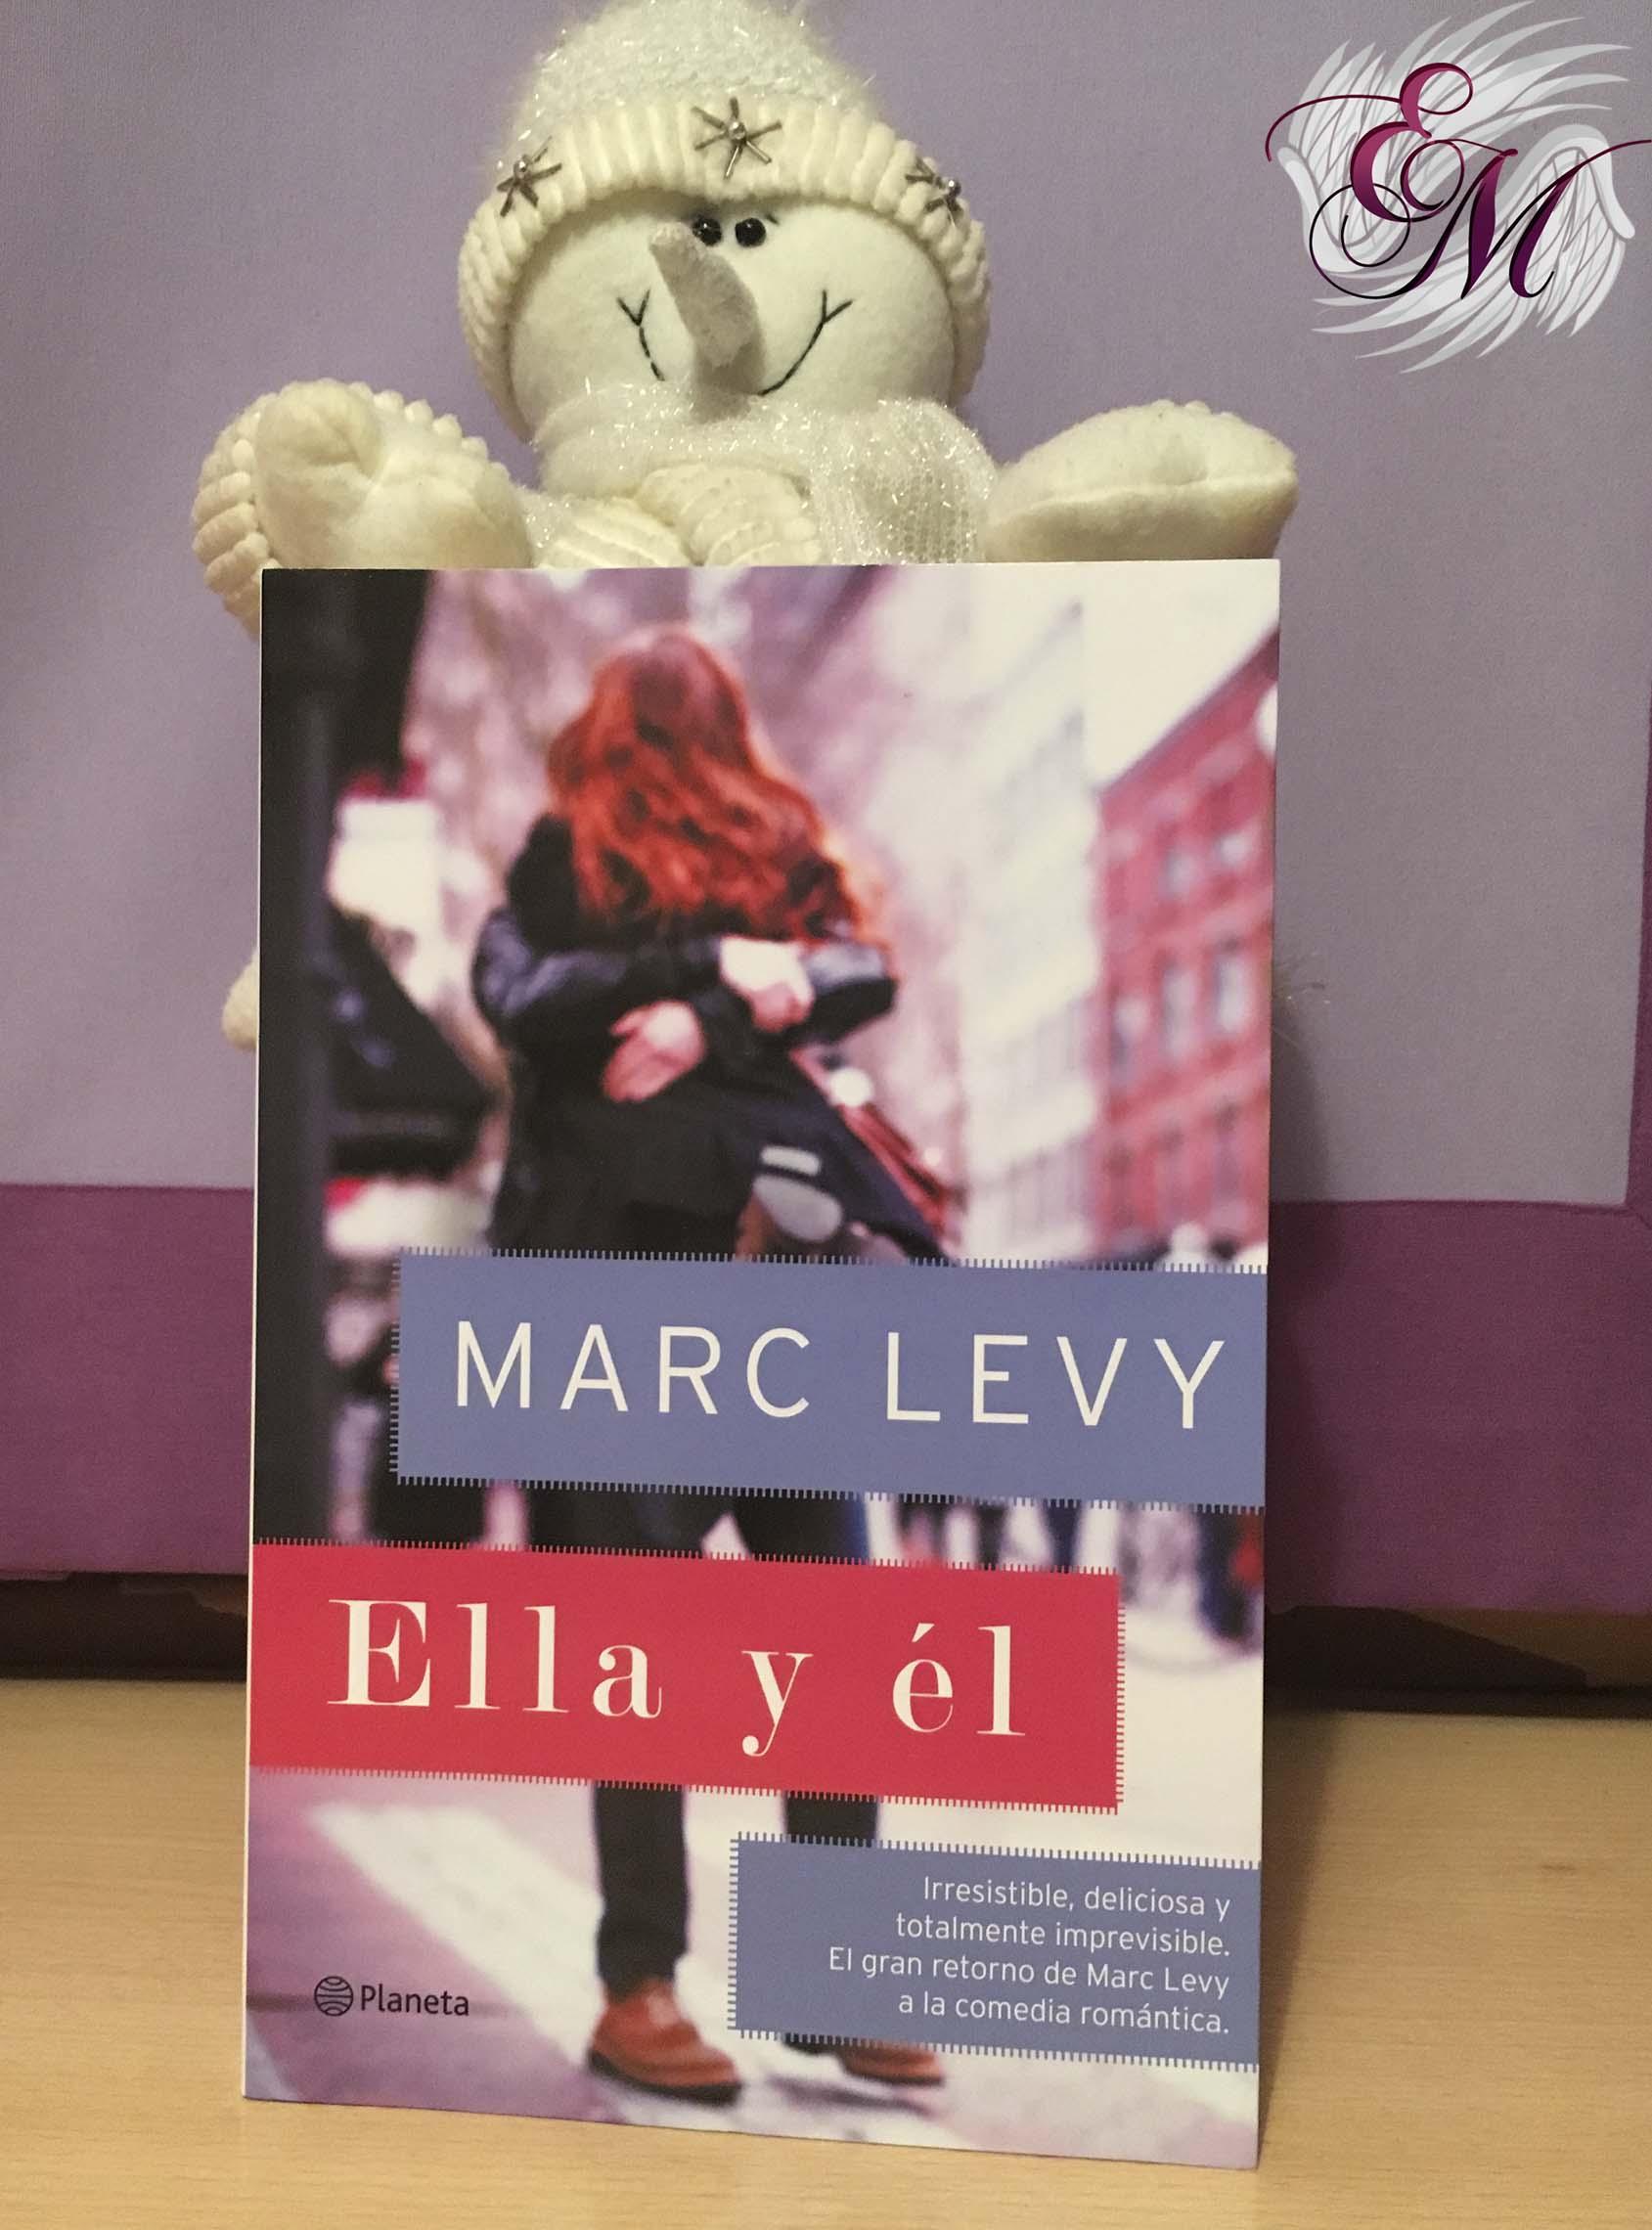 Reseña Ella y él, de Marc Levy - Reseña